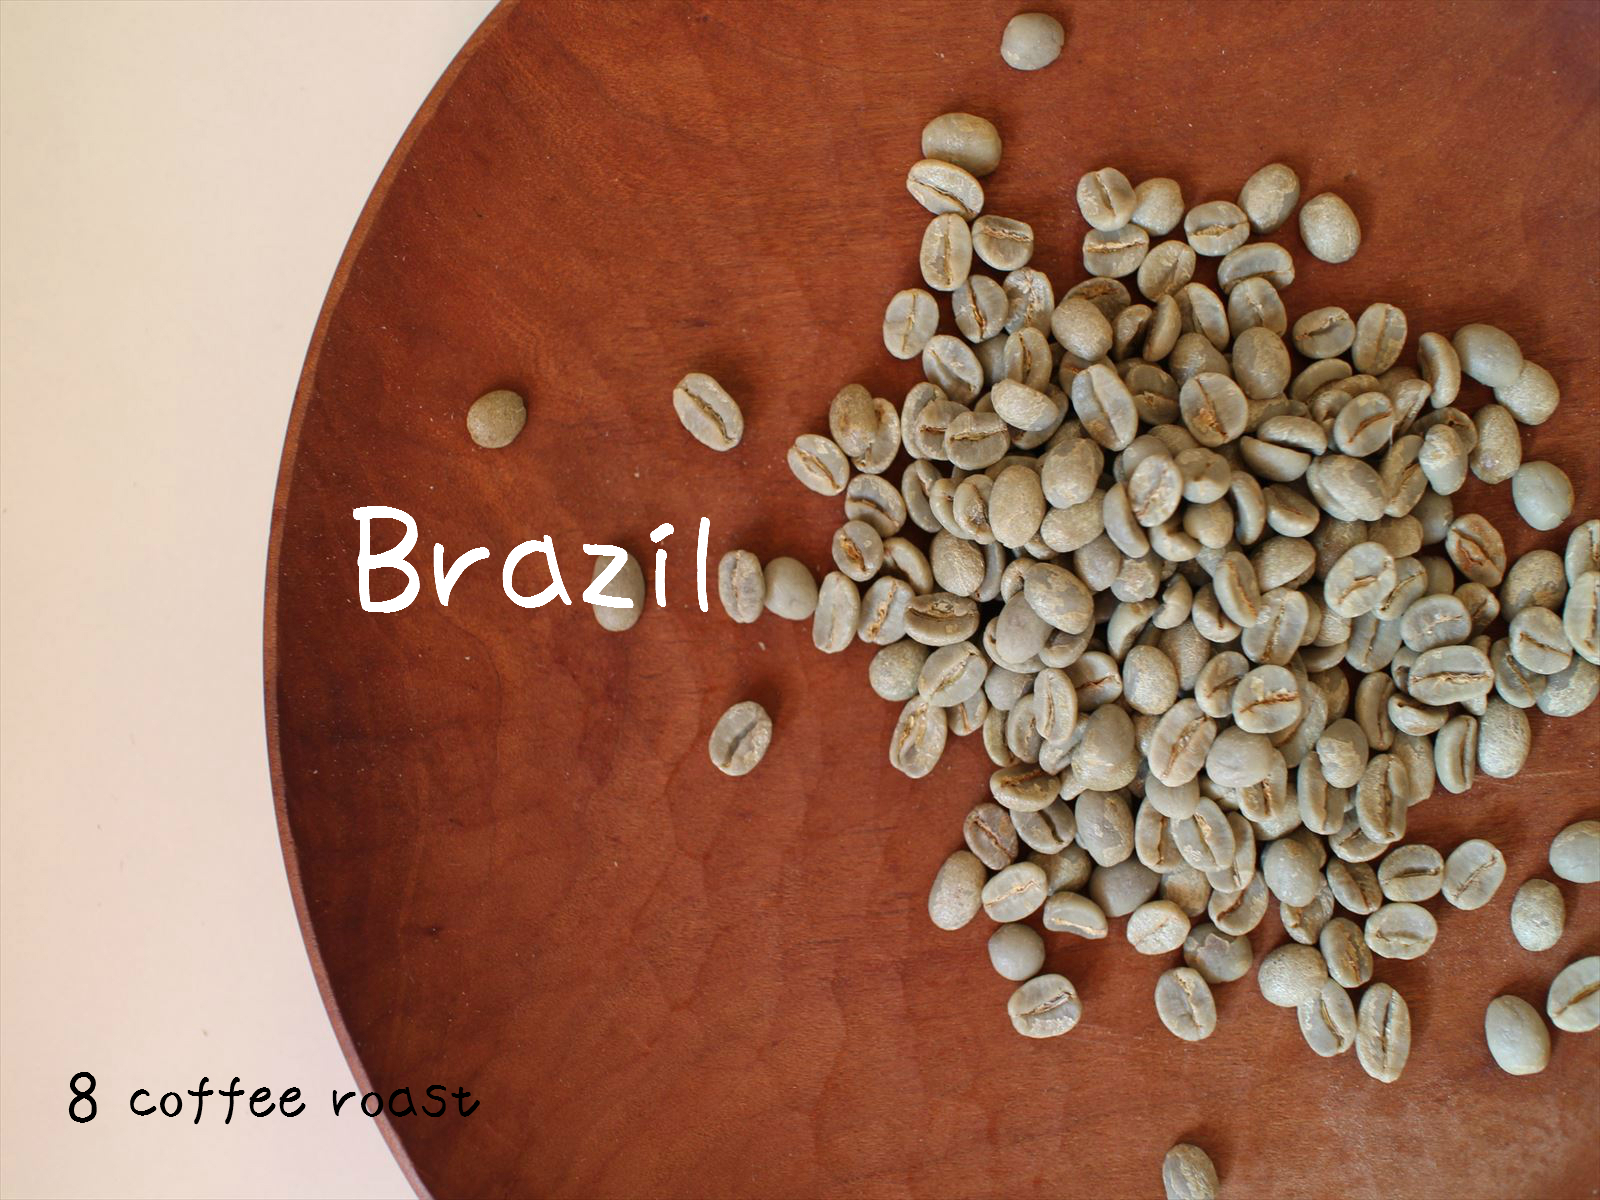 セットアップ コーヒー生豆 ブラジル サントスNO.2 50g 公式ストア 内容量